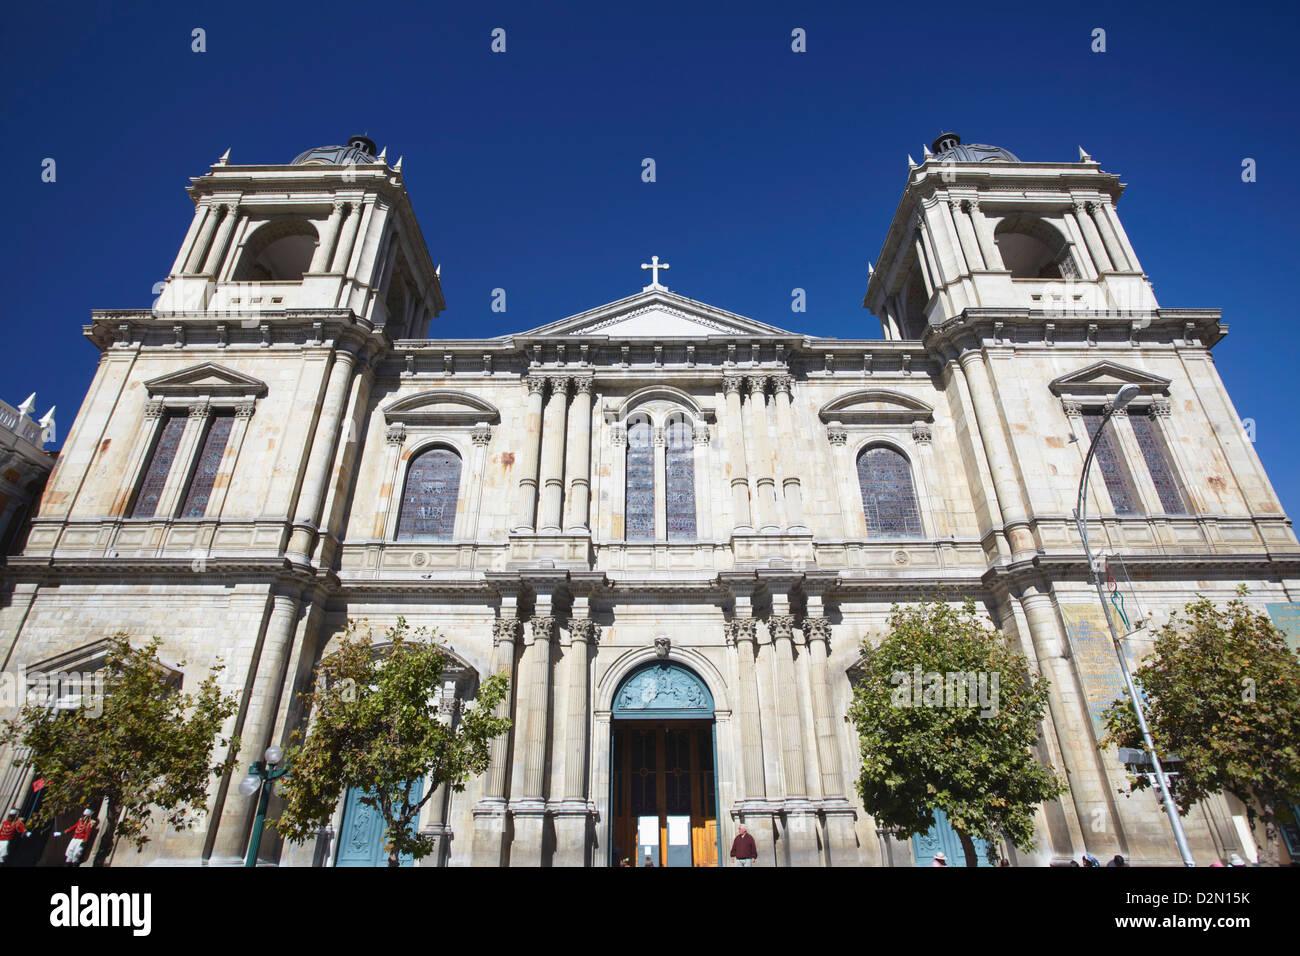 Cathedral in Plaza Pedro Murillo, La Paz, Bolivia, South America - Stock Image